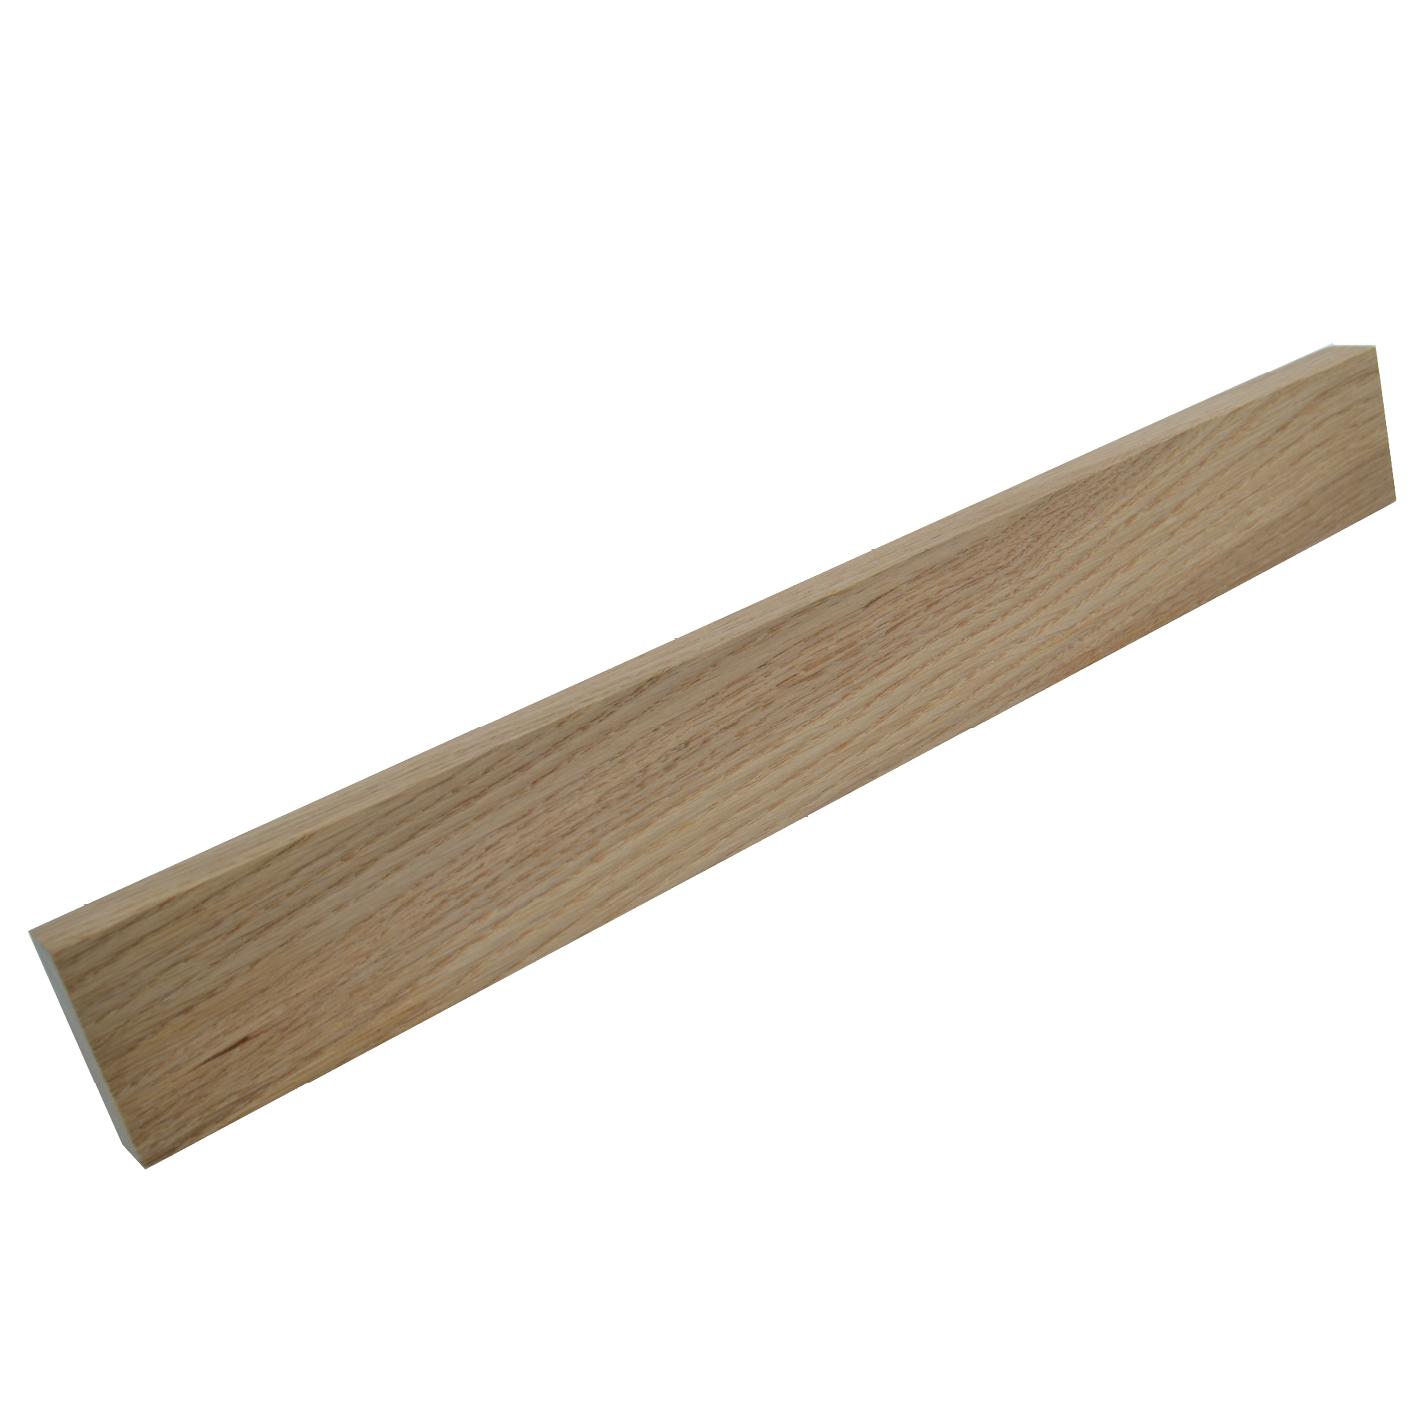 Image of   Knivmagnet i egetræ 7 knive 45 cm